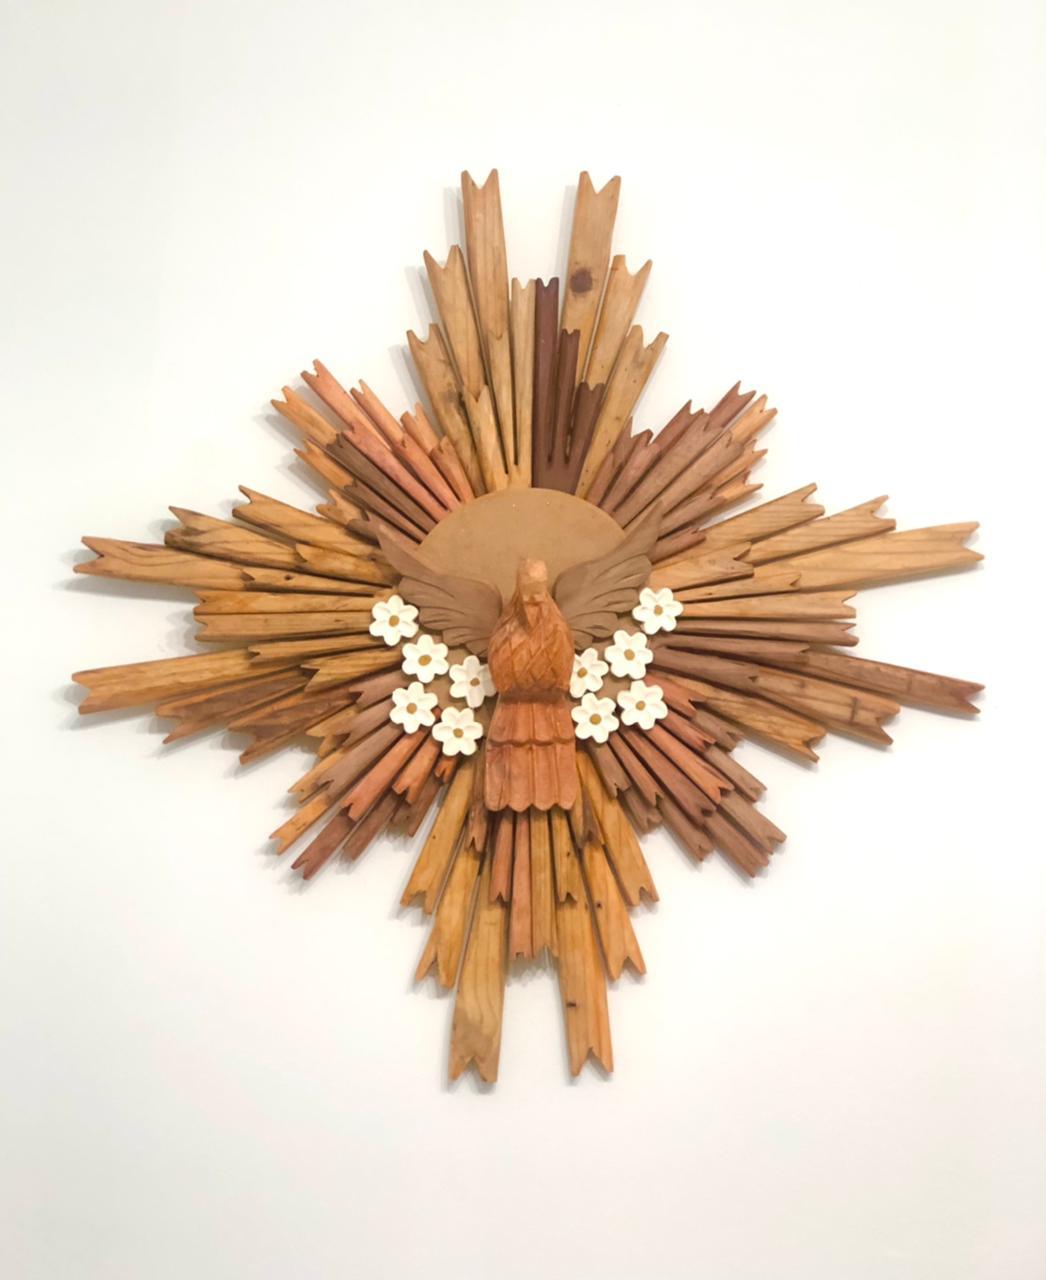 Divino Resplendor em Madeira Rústica - 80 cm x 80 cm